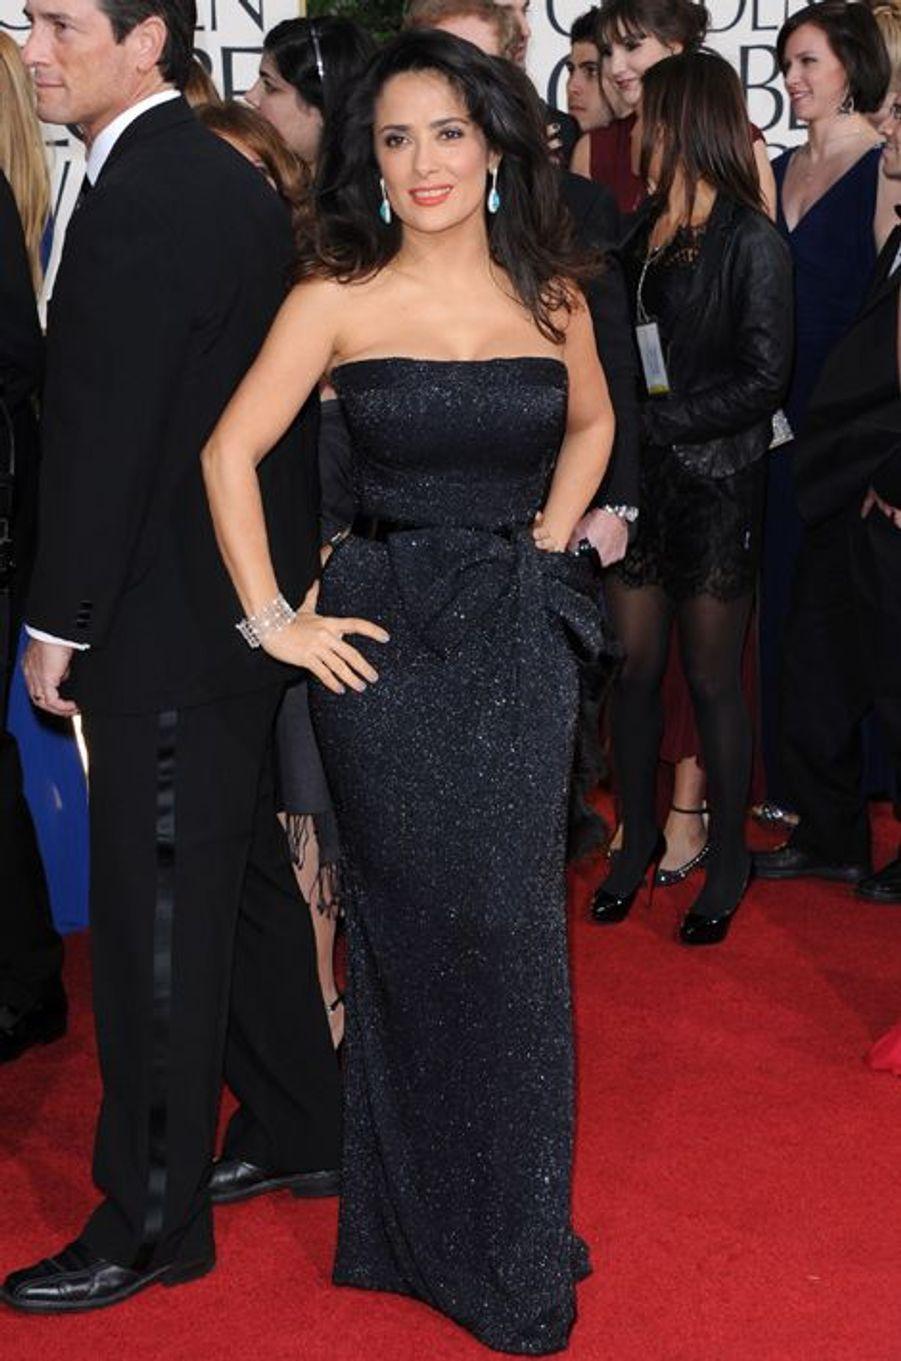 Salma Hayek en Gucci Première aux Golden Globes, en janvier 2013